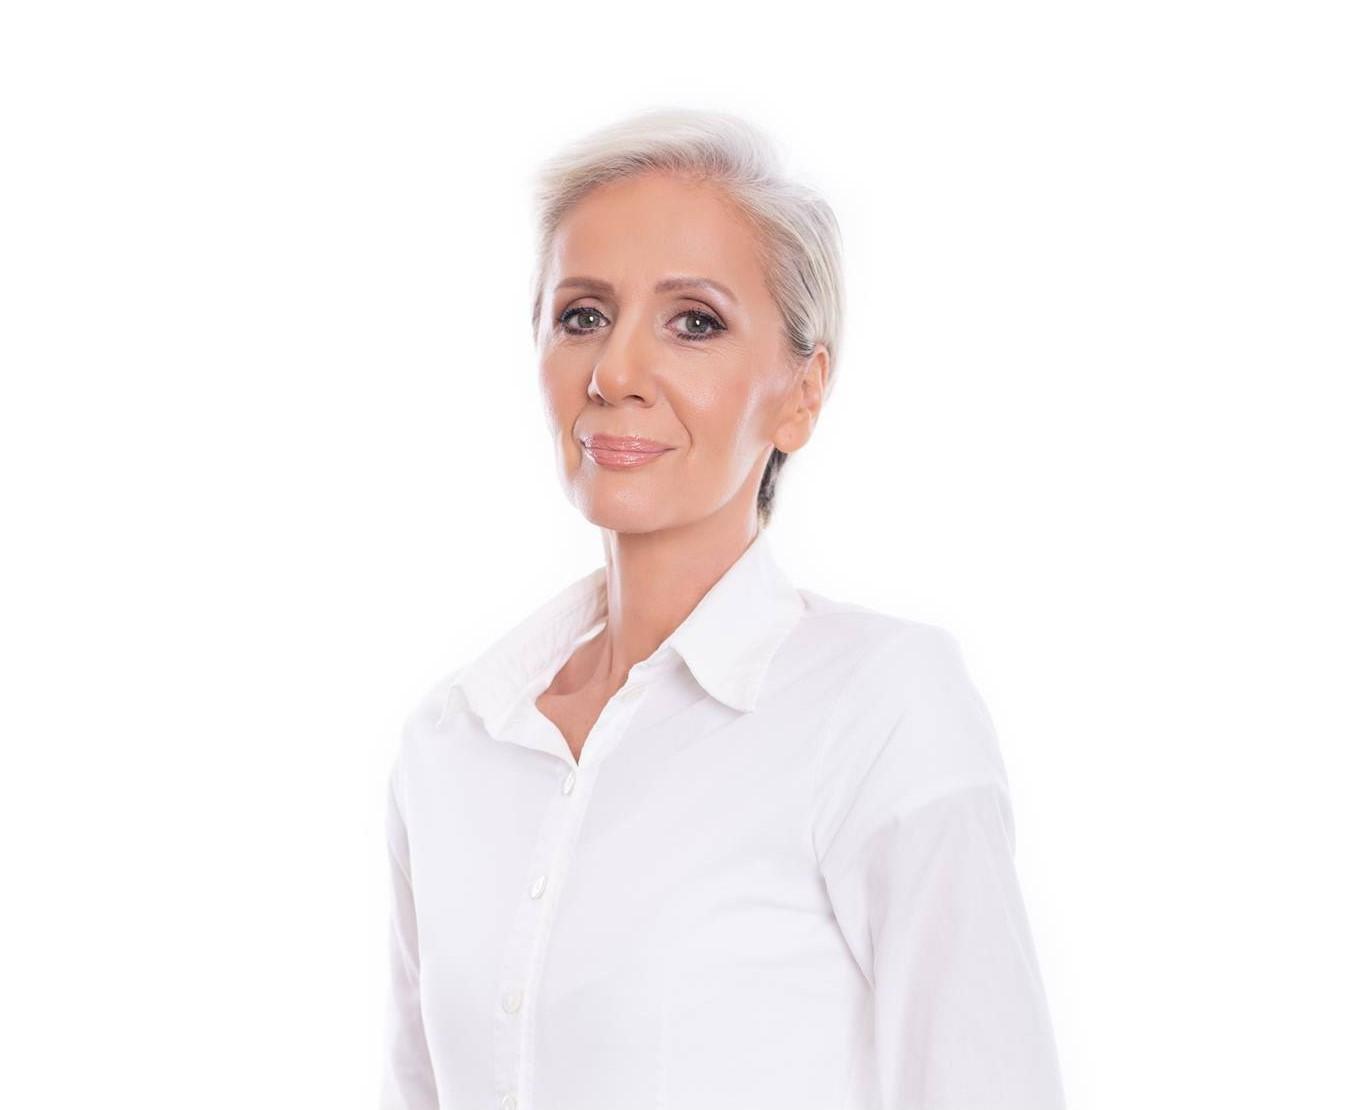 Predstavljamo: Marijela Margeta Hašimbegović, nositeljica liste kandidata/tkinja za Općinsko vijeće Novo Sarajevo